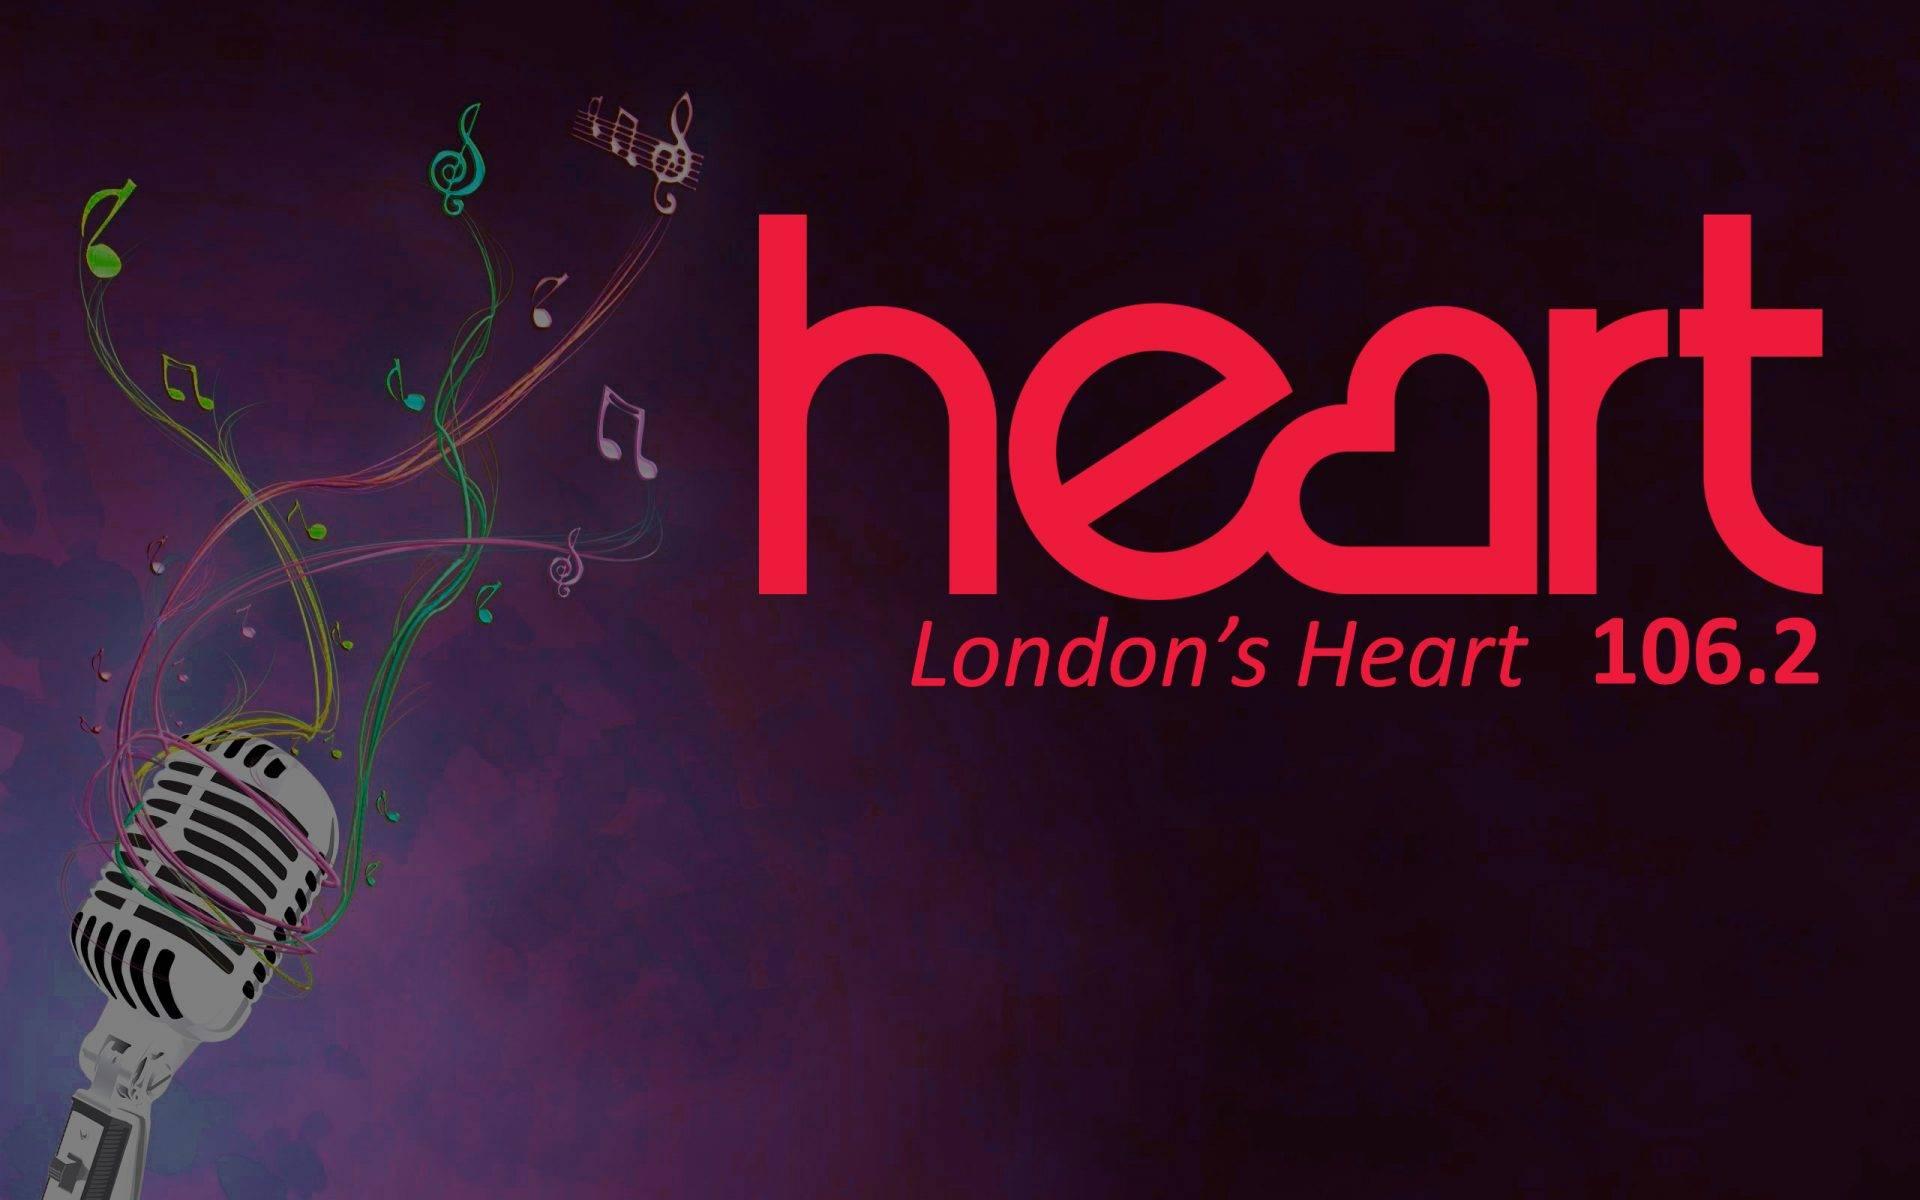 London Heart 106.2